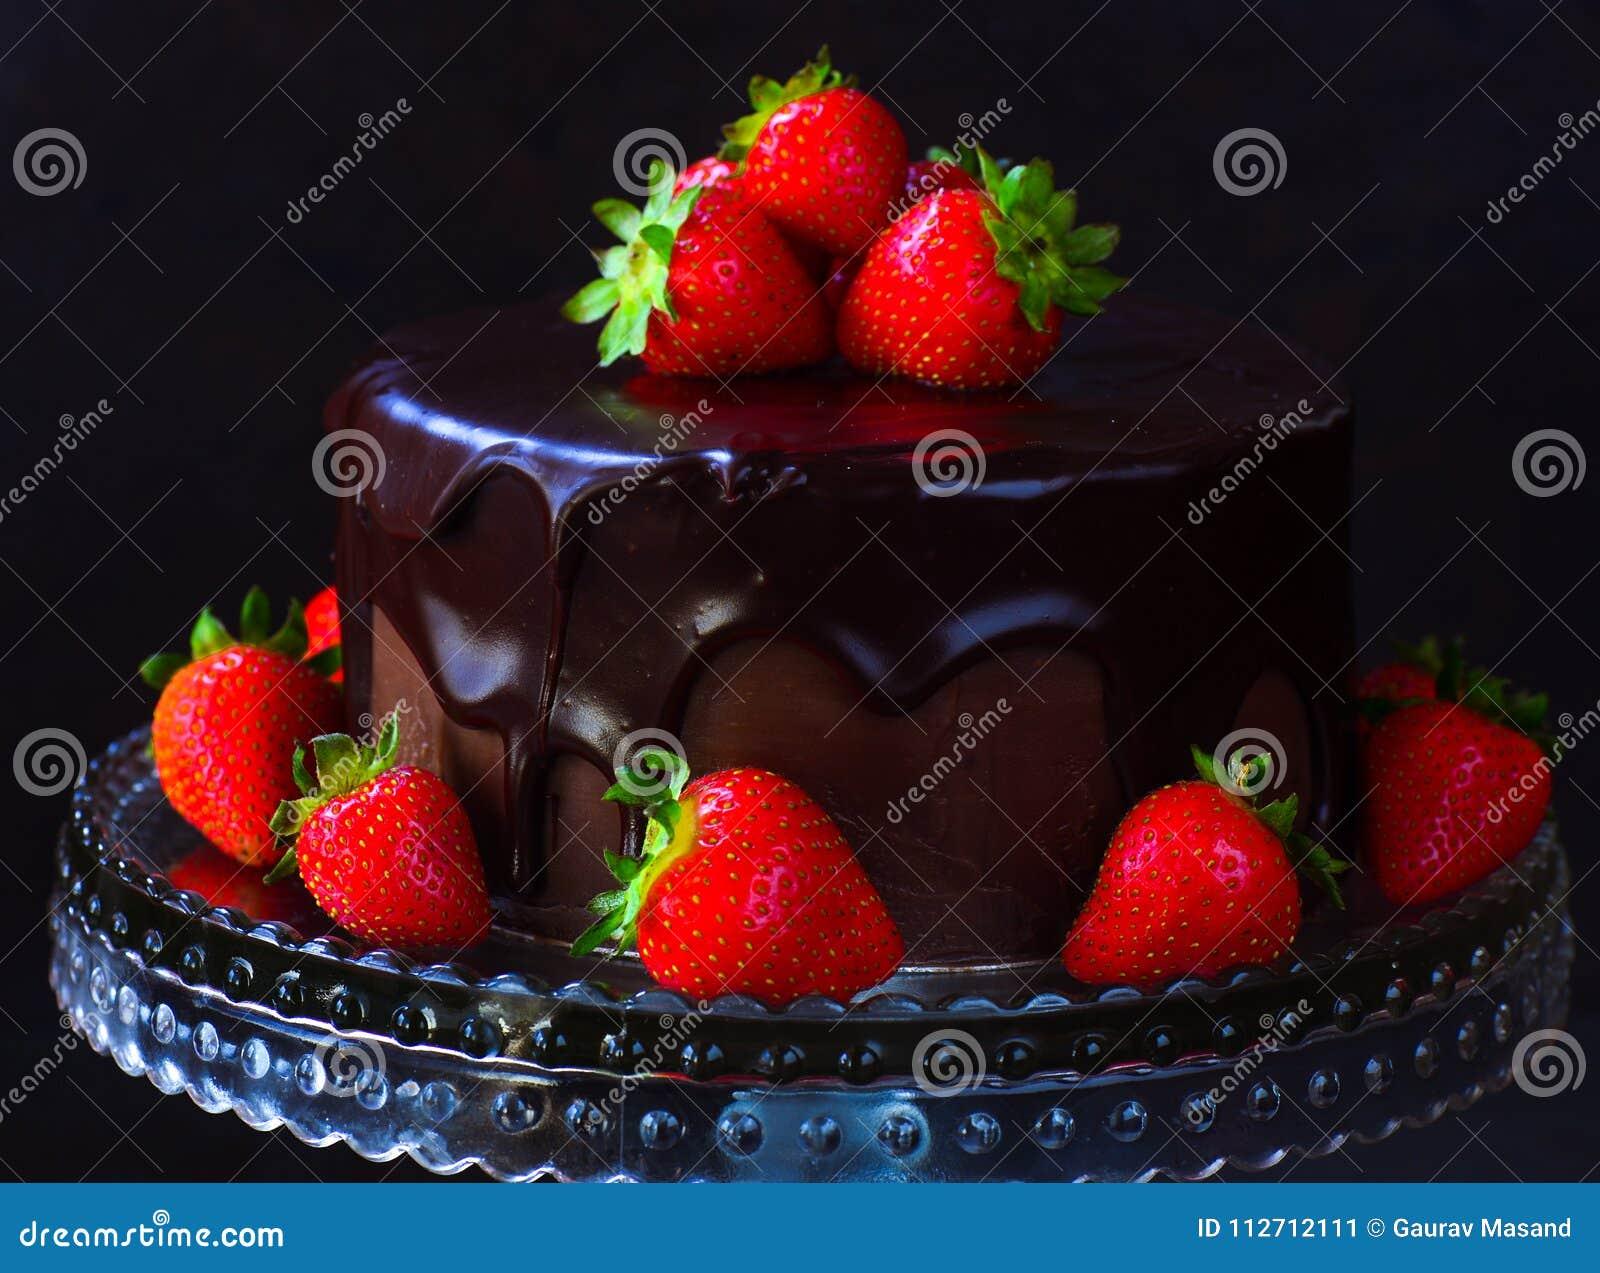 Dark chocolate ganache cake with strawberries